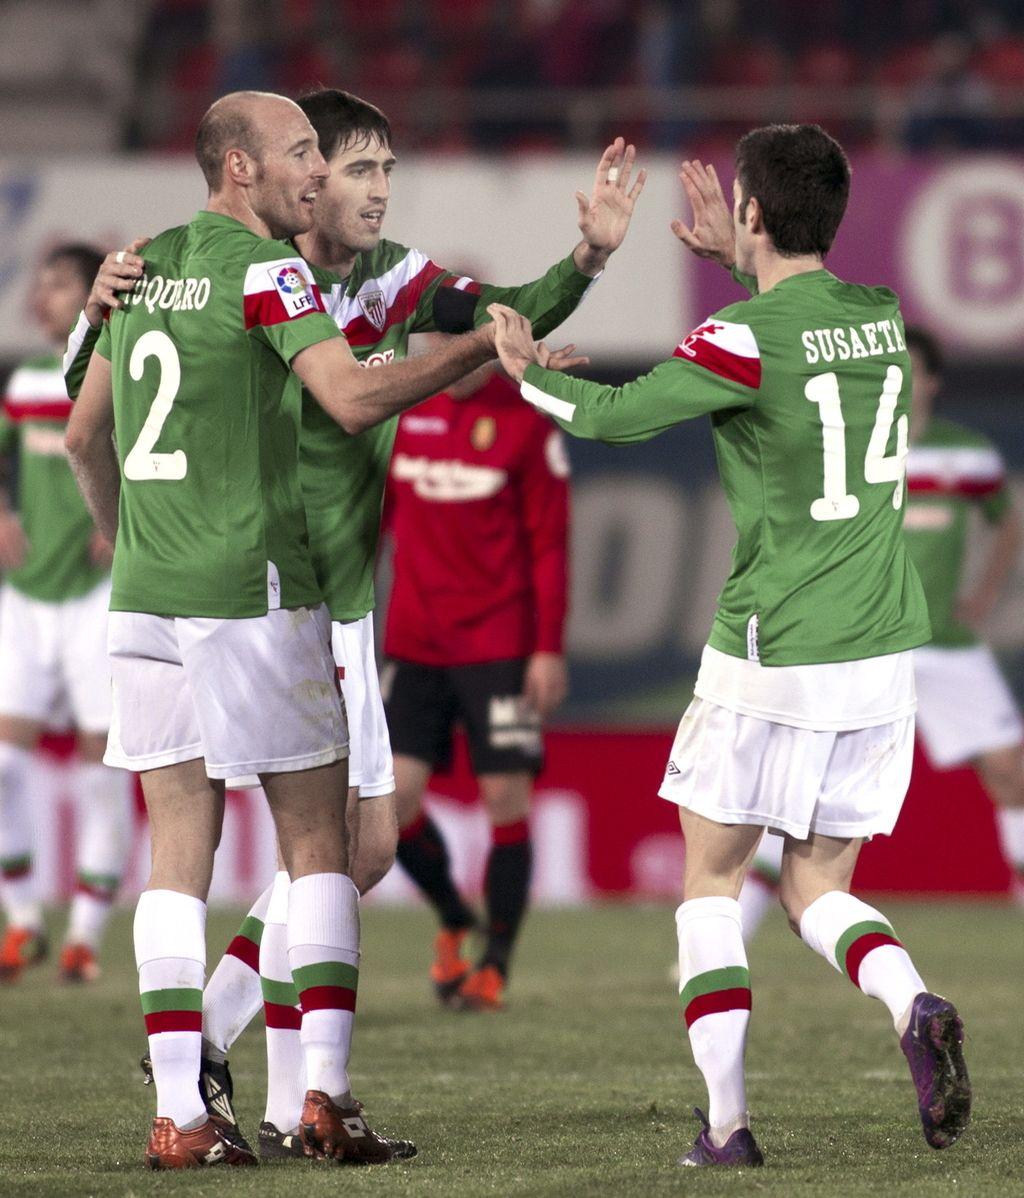 Los jugadores del Athletic Gaizka Toquero y Néstor Susaeta, celebran el gol de su equipo ante el Mallorca